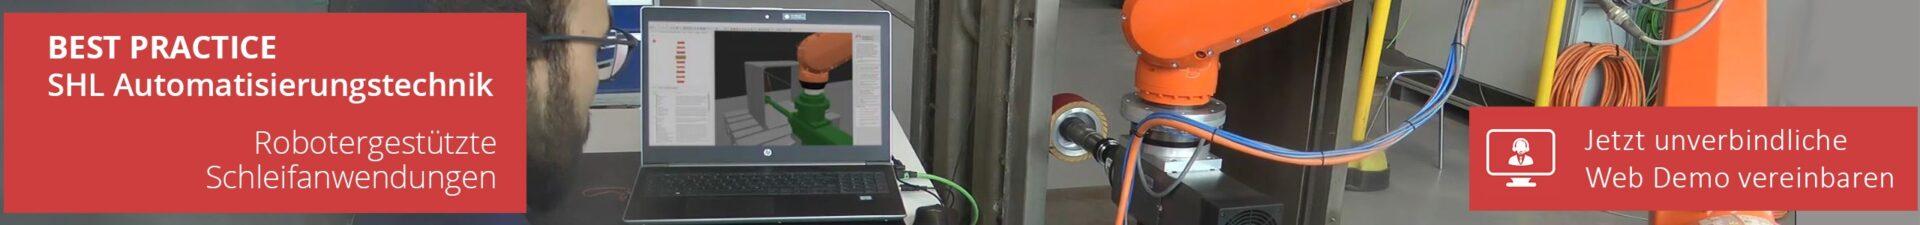 Automatisieren Sie mit ArtiMinds robotergestützten Schleifanwendungen